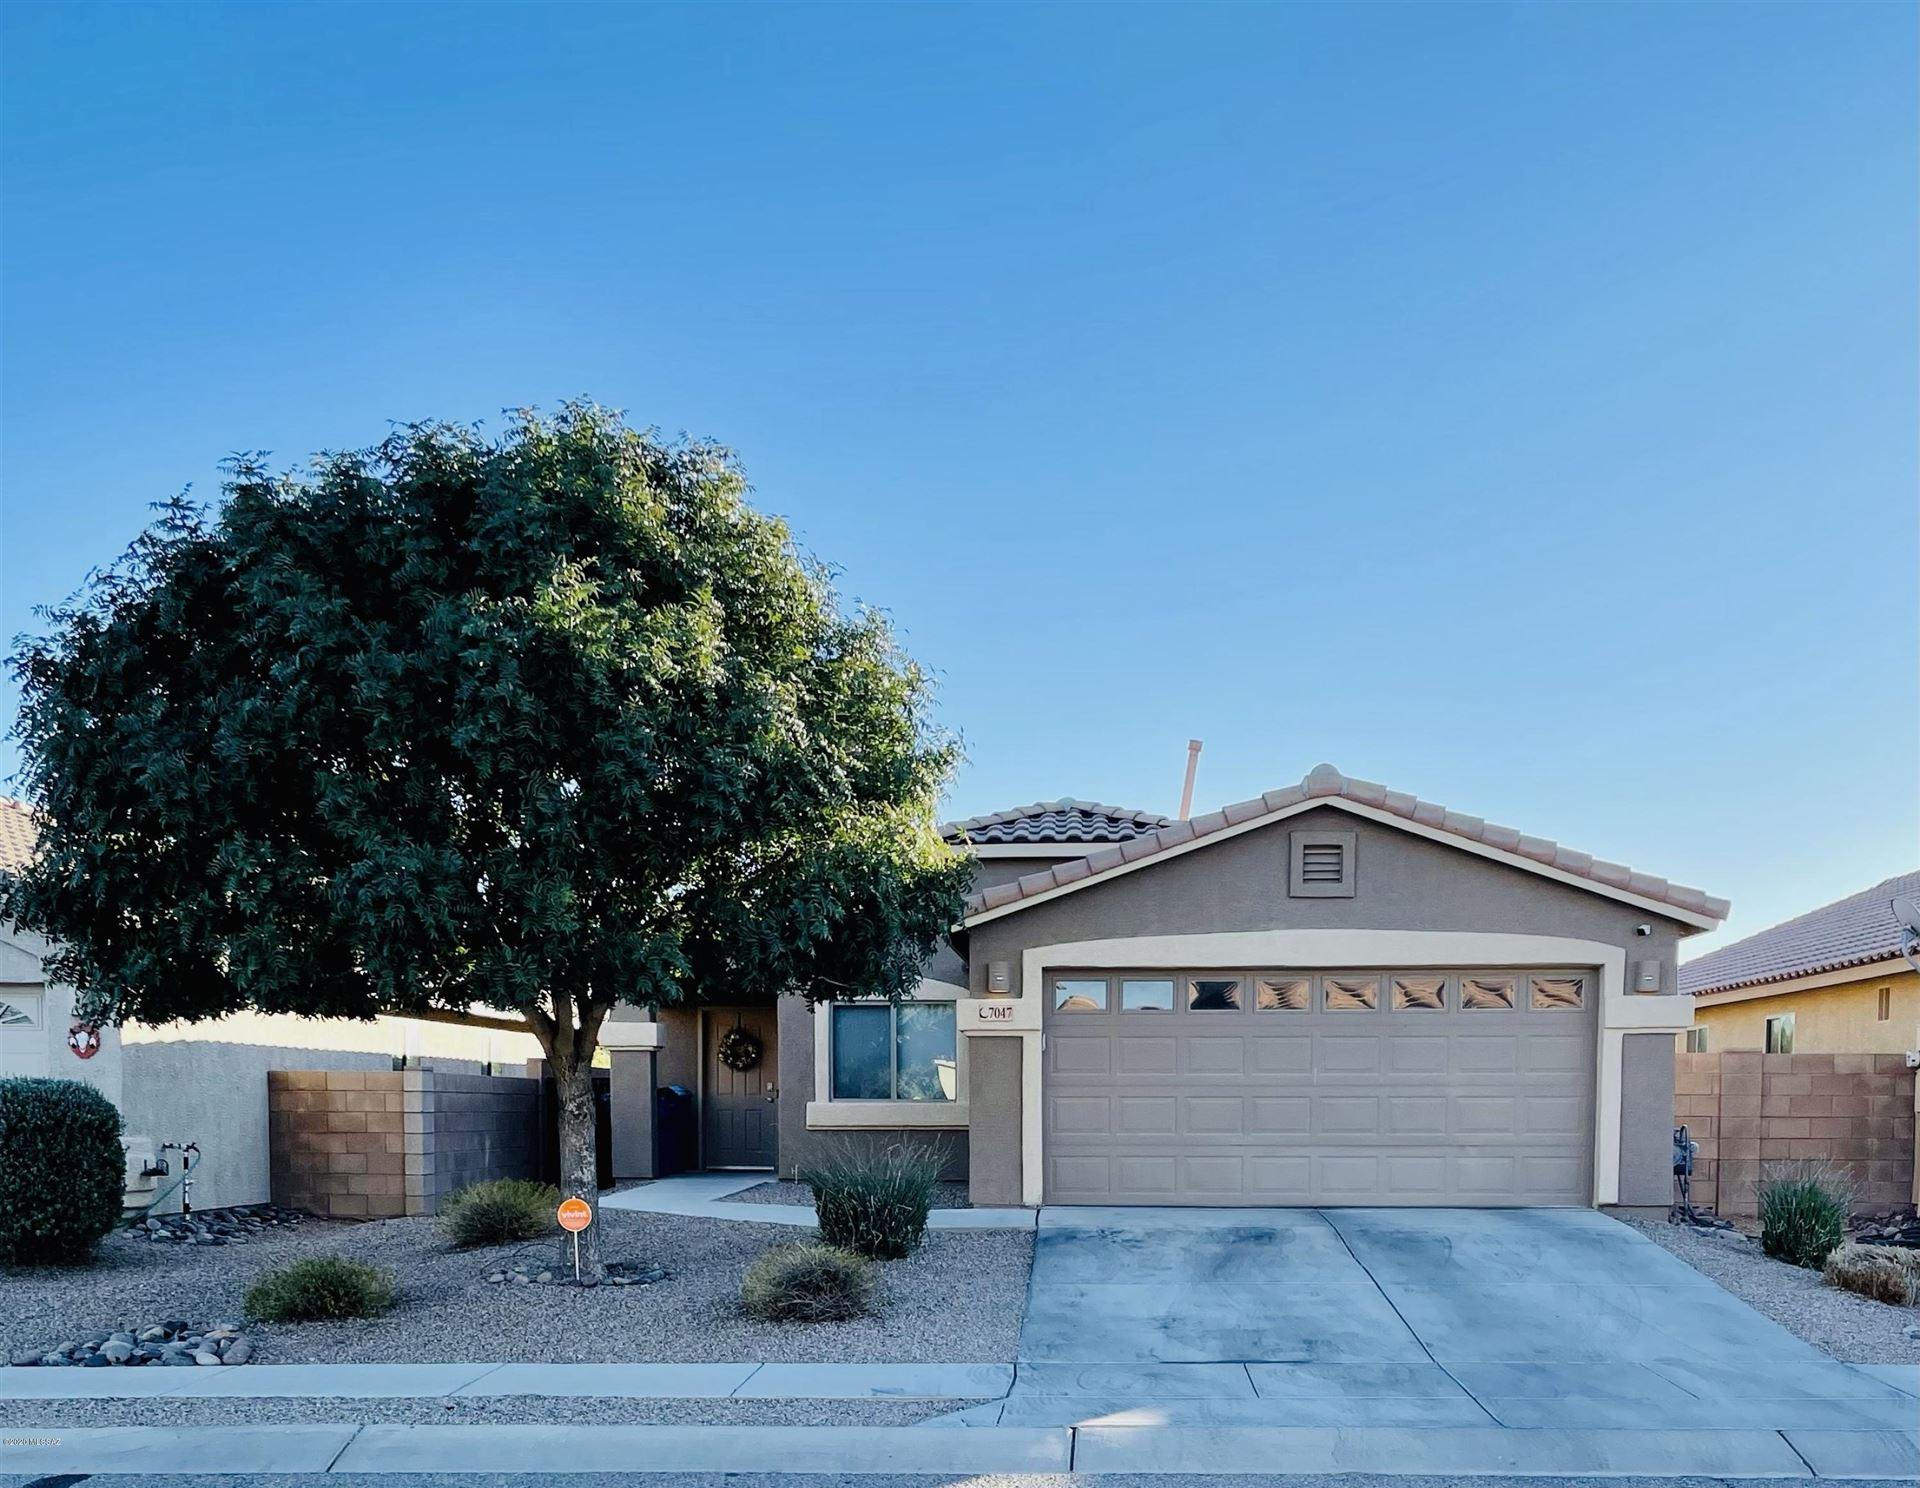 7047 S Providence Drive, Tucson, AZ 85757 - MLS#: 22028743